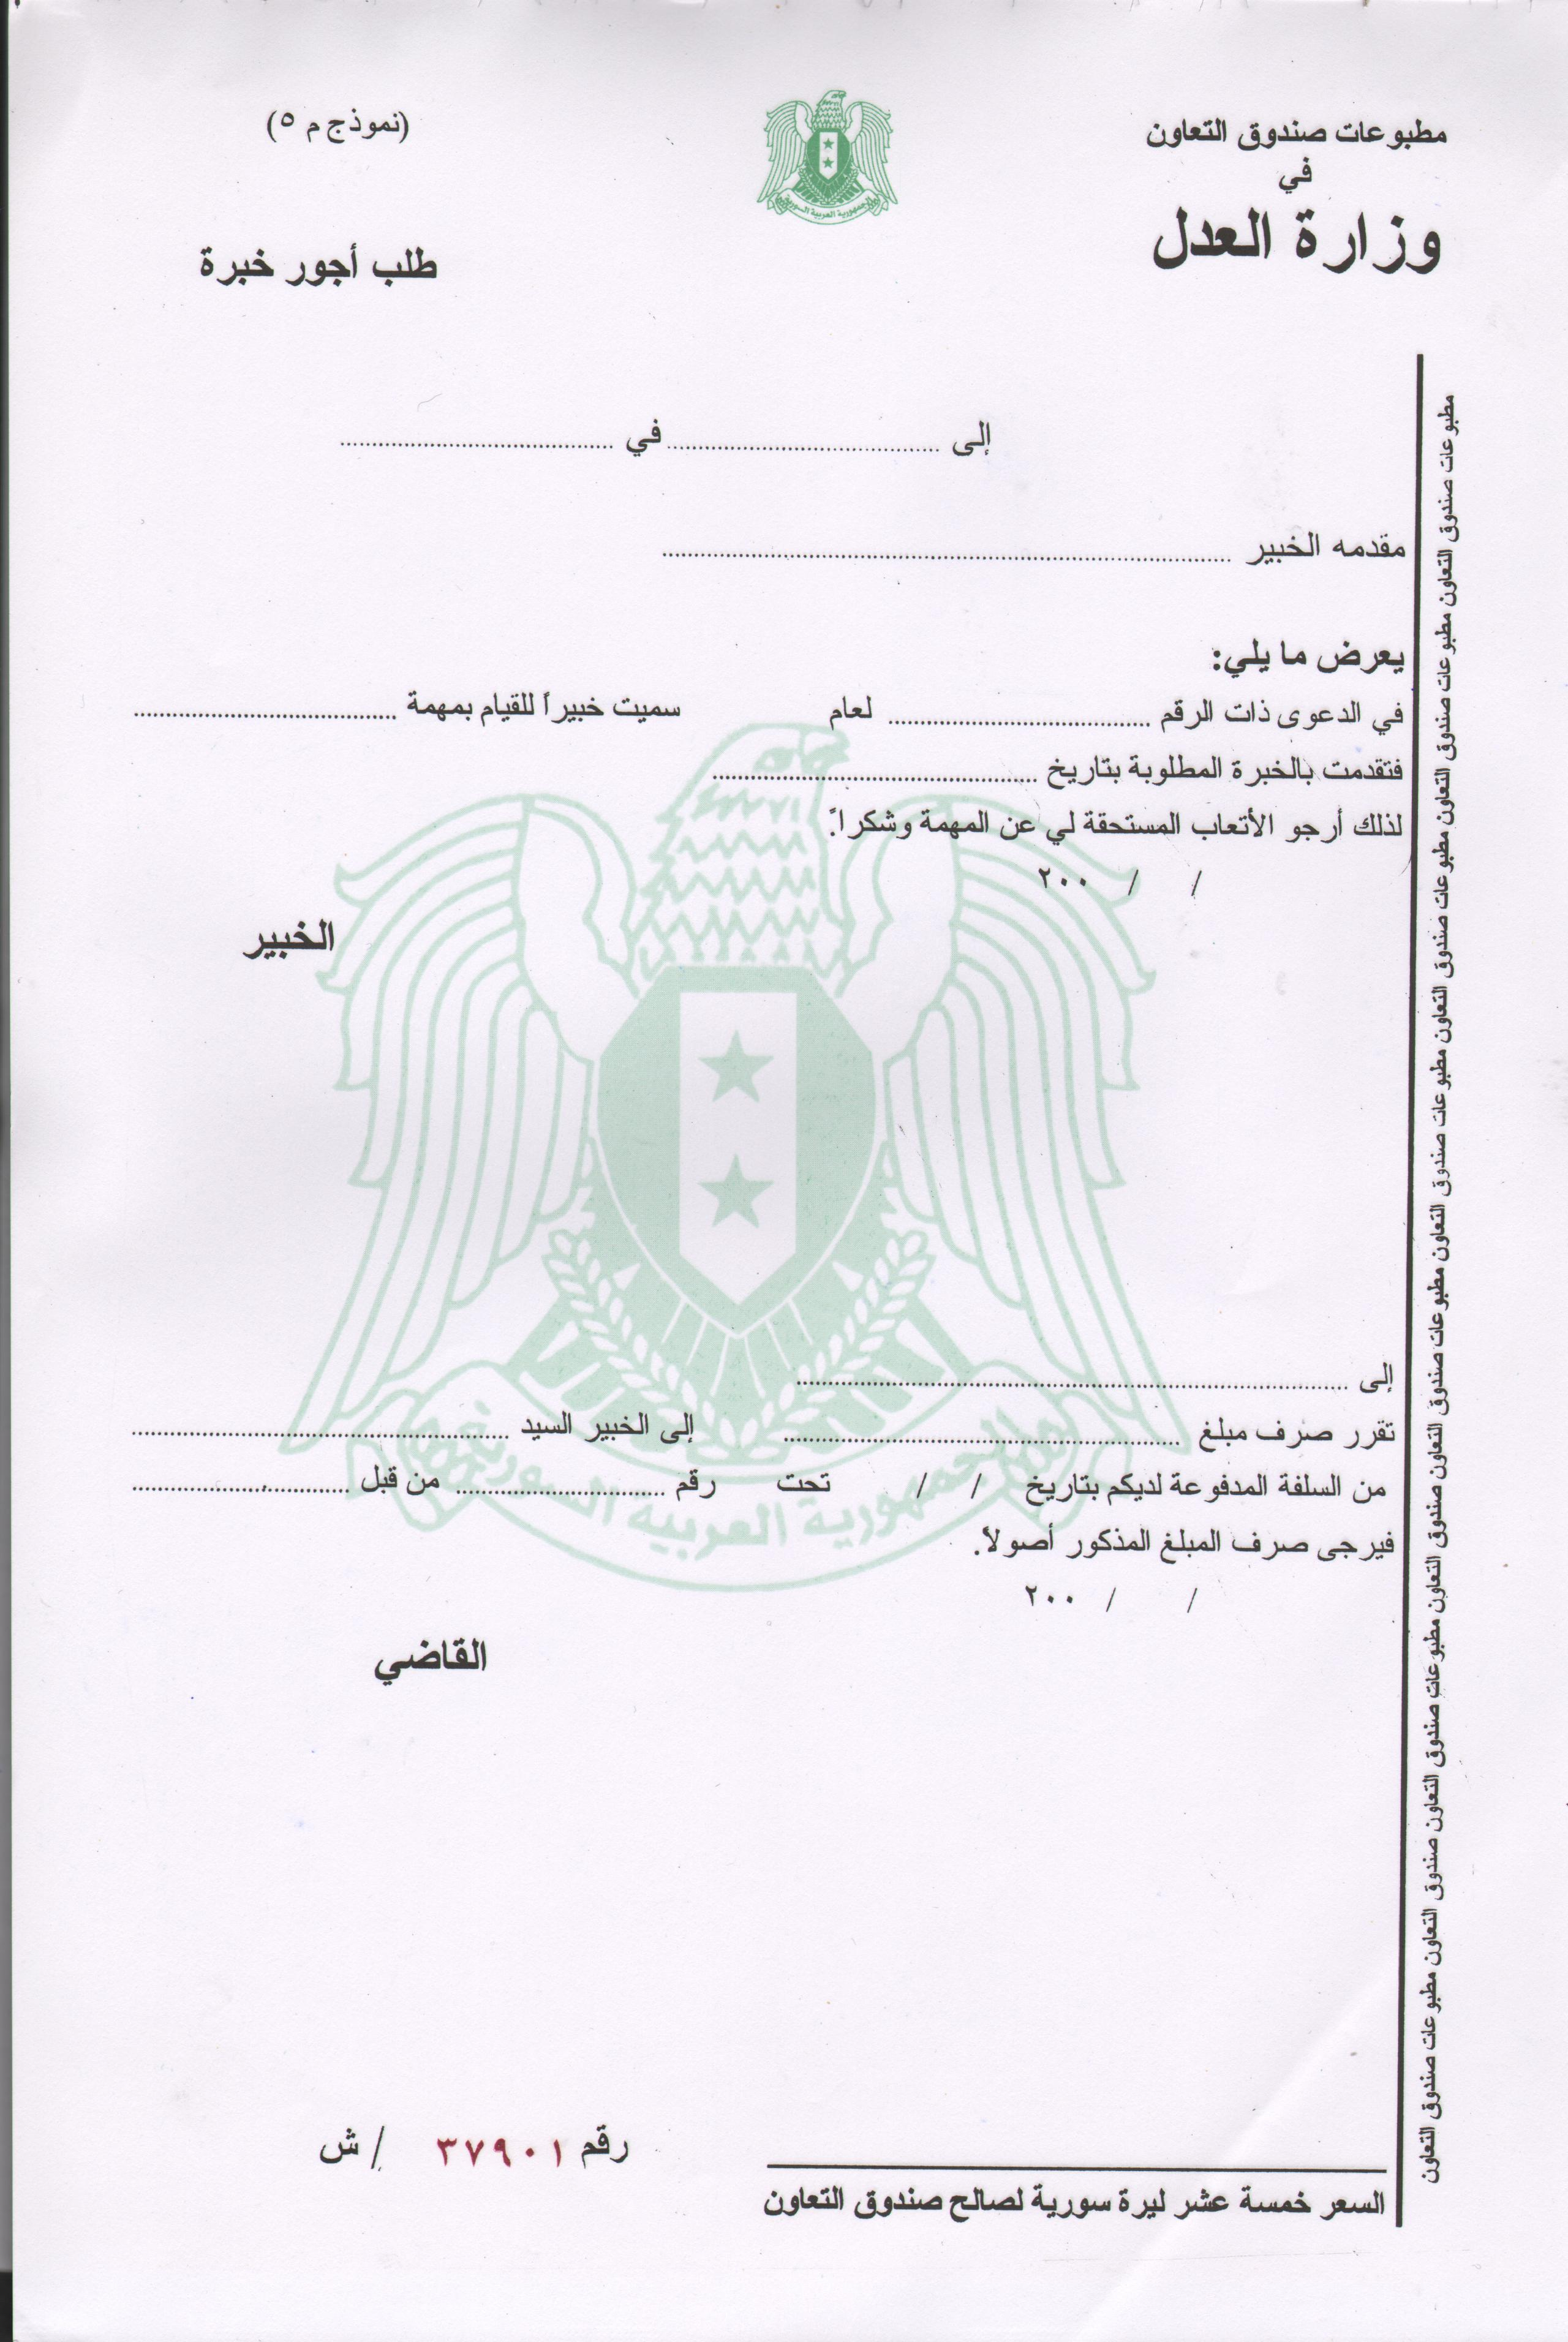 نموذج سند لامر السعودية